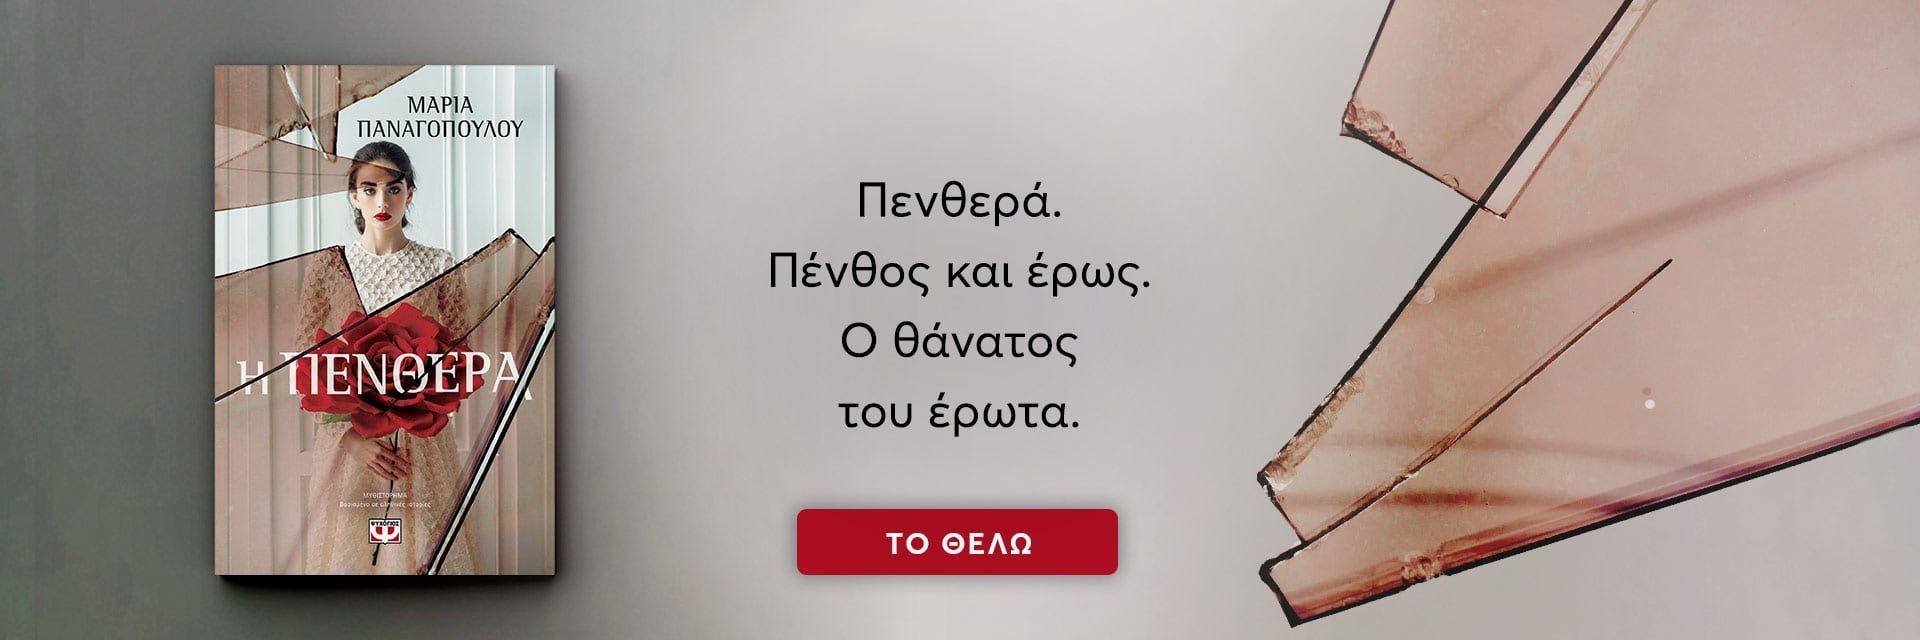 ΠΕΝΘΕΡΑ